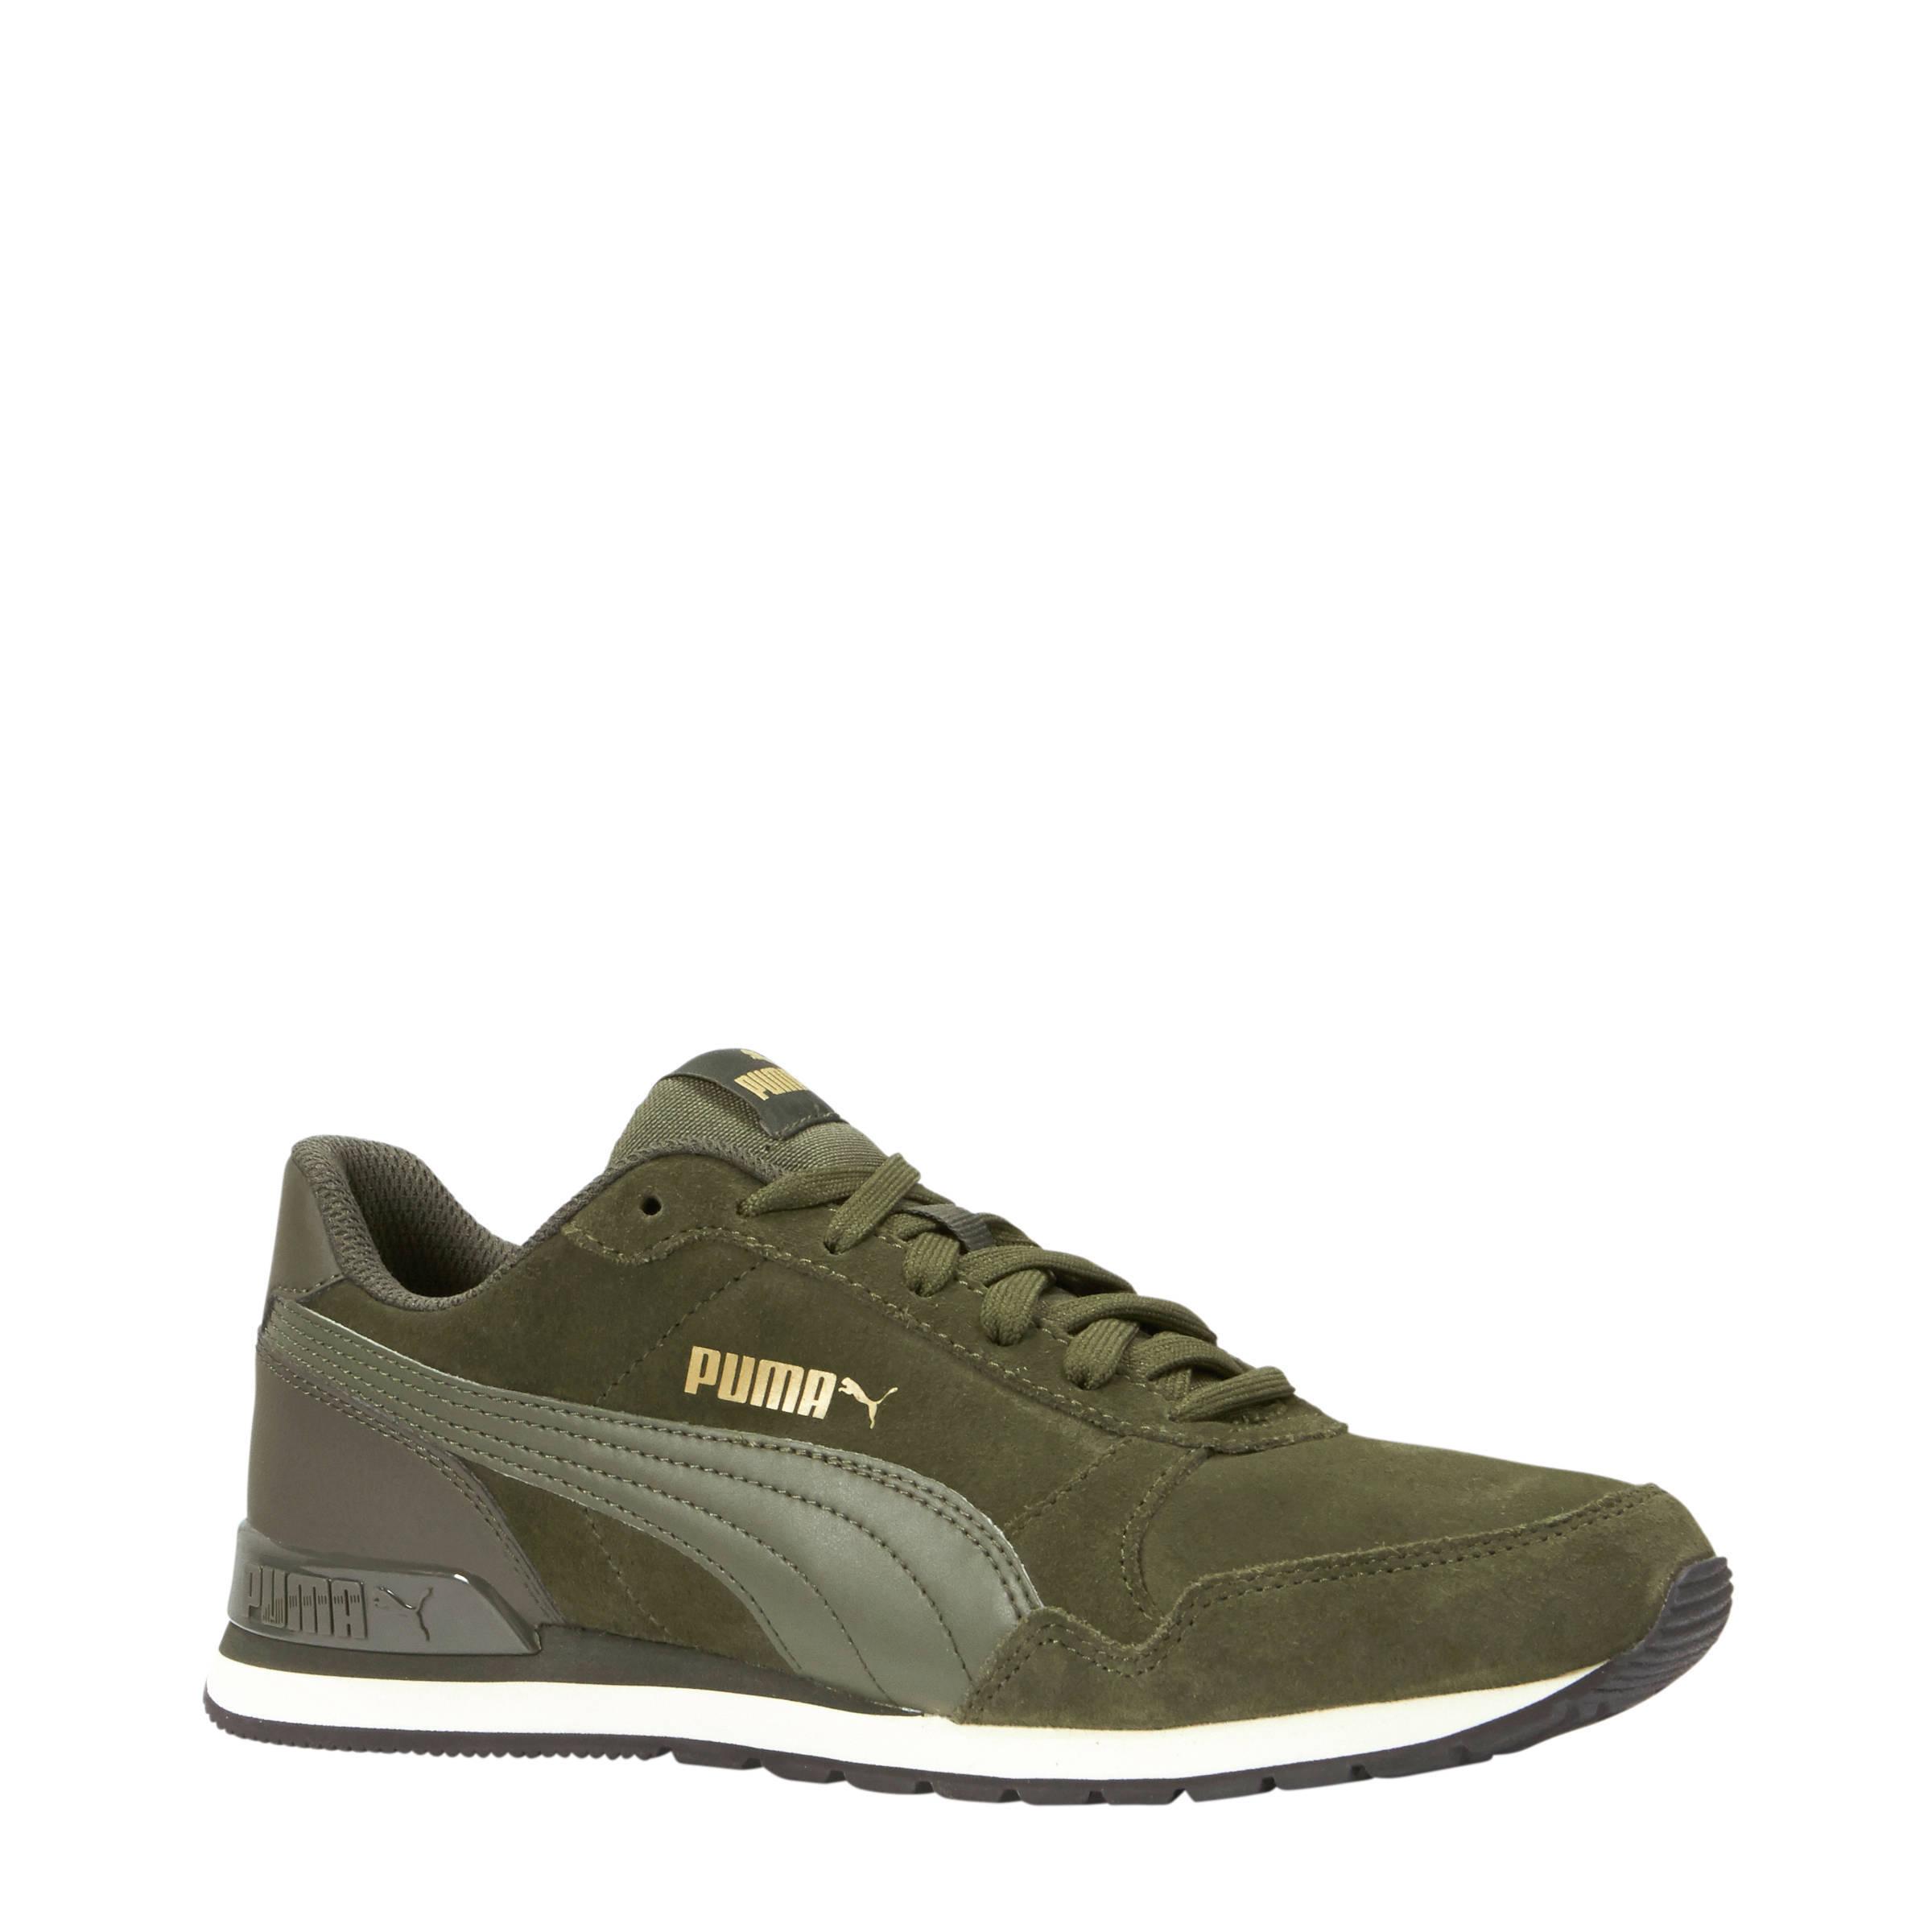 Puma ST Runner V2 SD sneakers donkergroen | wehkamp